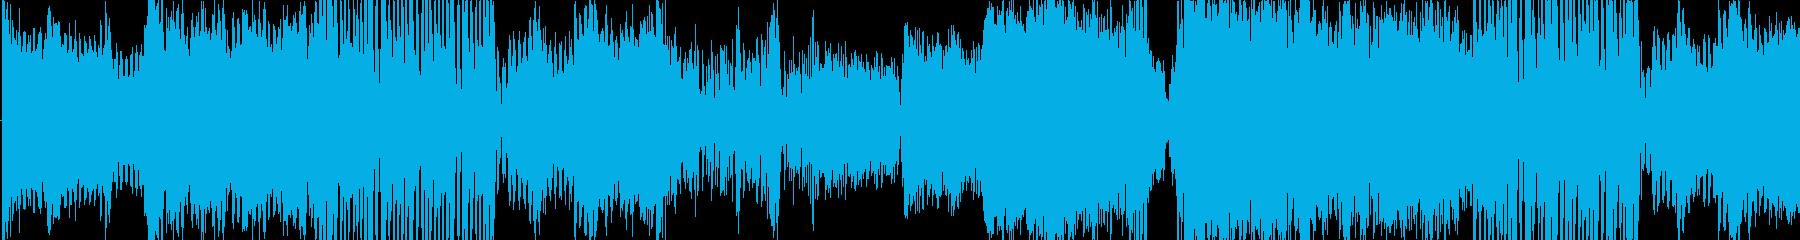 緊迫、壮大、機械なシネマテッィク曲の再生済みの波形